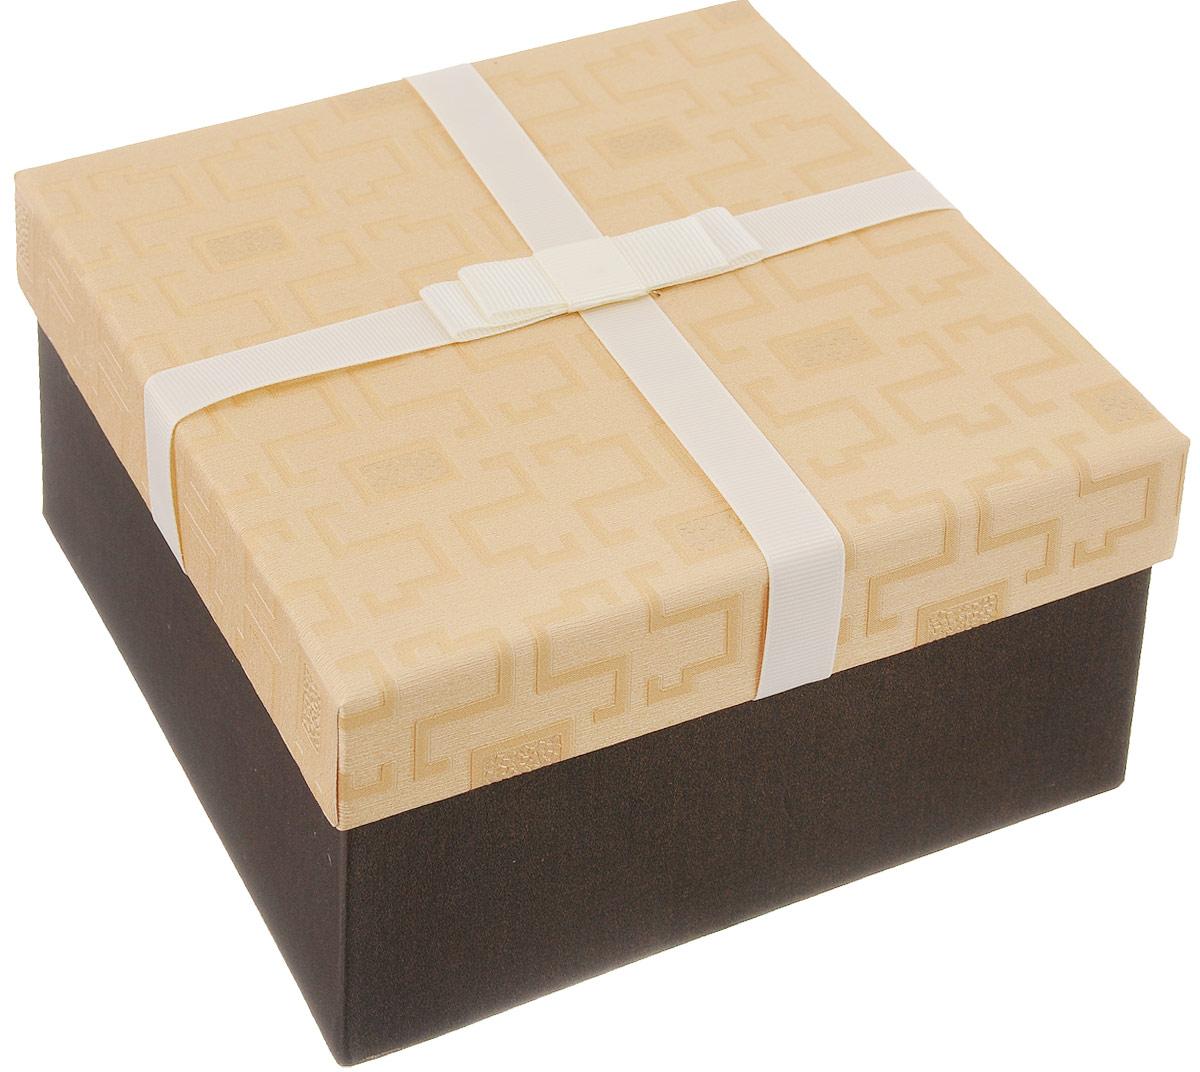 Коробка подарочная Packing Symphony Меандр, цвет: коричневый, бежевый, 17 х 17 х 9,5 см80036885Подарочная коробка Packing Symphony Меандр выполнена из картона и декорирована текстильным бантом. Это один из самых оригинальных вариантов упаковки для подарка. Любой, даже самый нестандартный подарок, упакованный в такую коробку, создаст момент легкой интриги, а плотный картон сохранит содержимое в первоначальном виде. Оригинальный дизайн самой коробки будет долго напоминать владельцу о трогательных моментах получения презента.